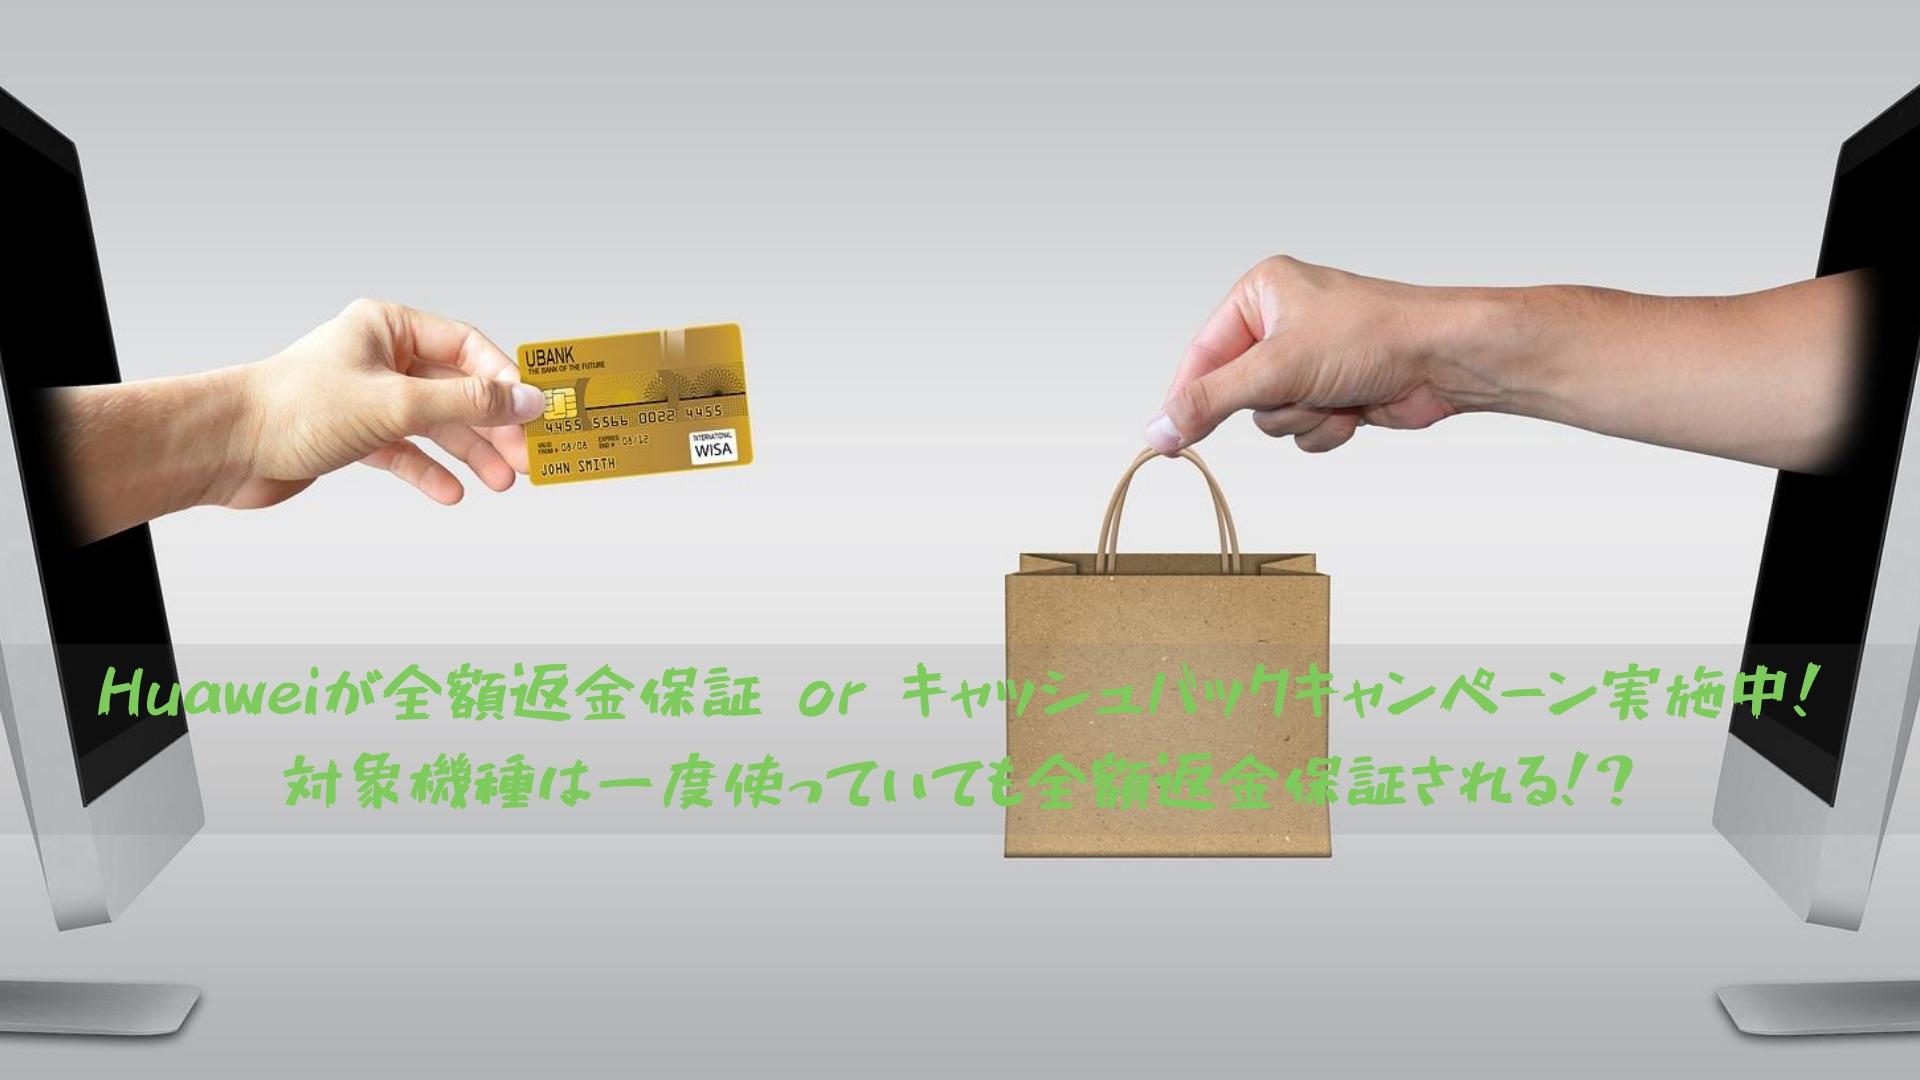 Huaweiが全額返金保証 or キャッシュバックキャンペーン実施中!対象機種は一度使っていても全額返金保証される!?